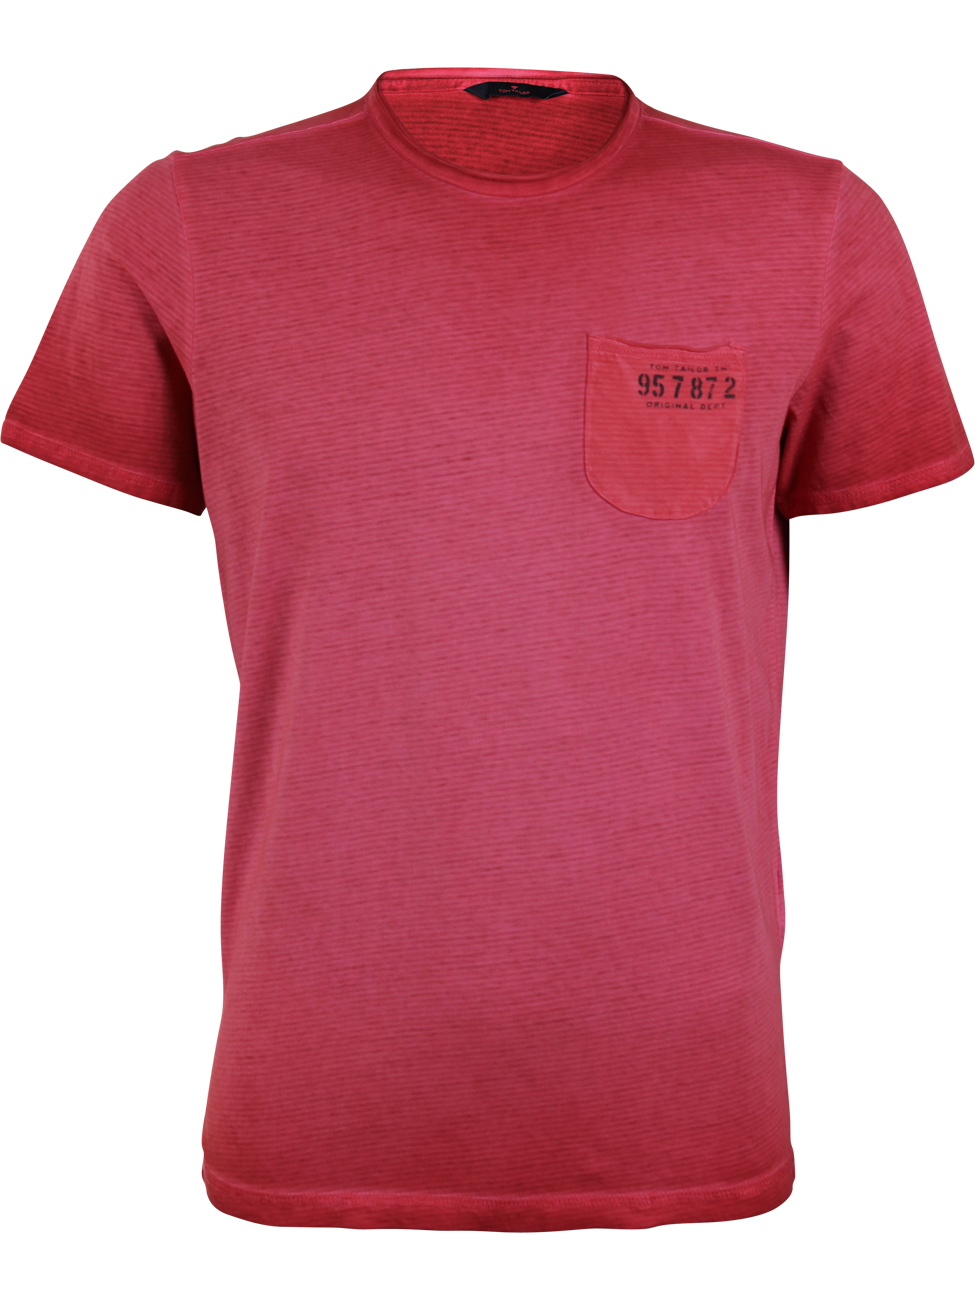 Tom Tailor Herren Rundhals T-Shirt mit Brusttasche